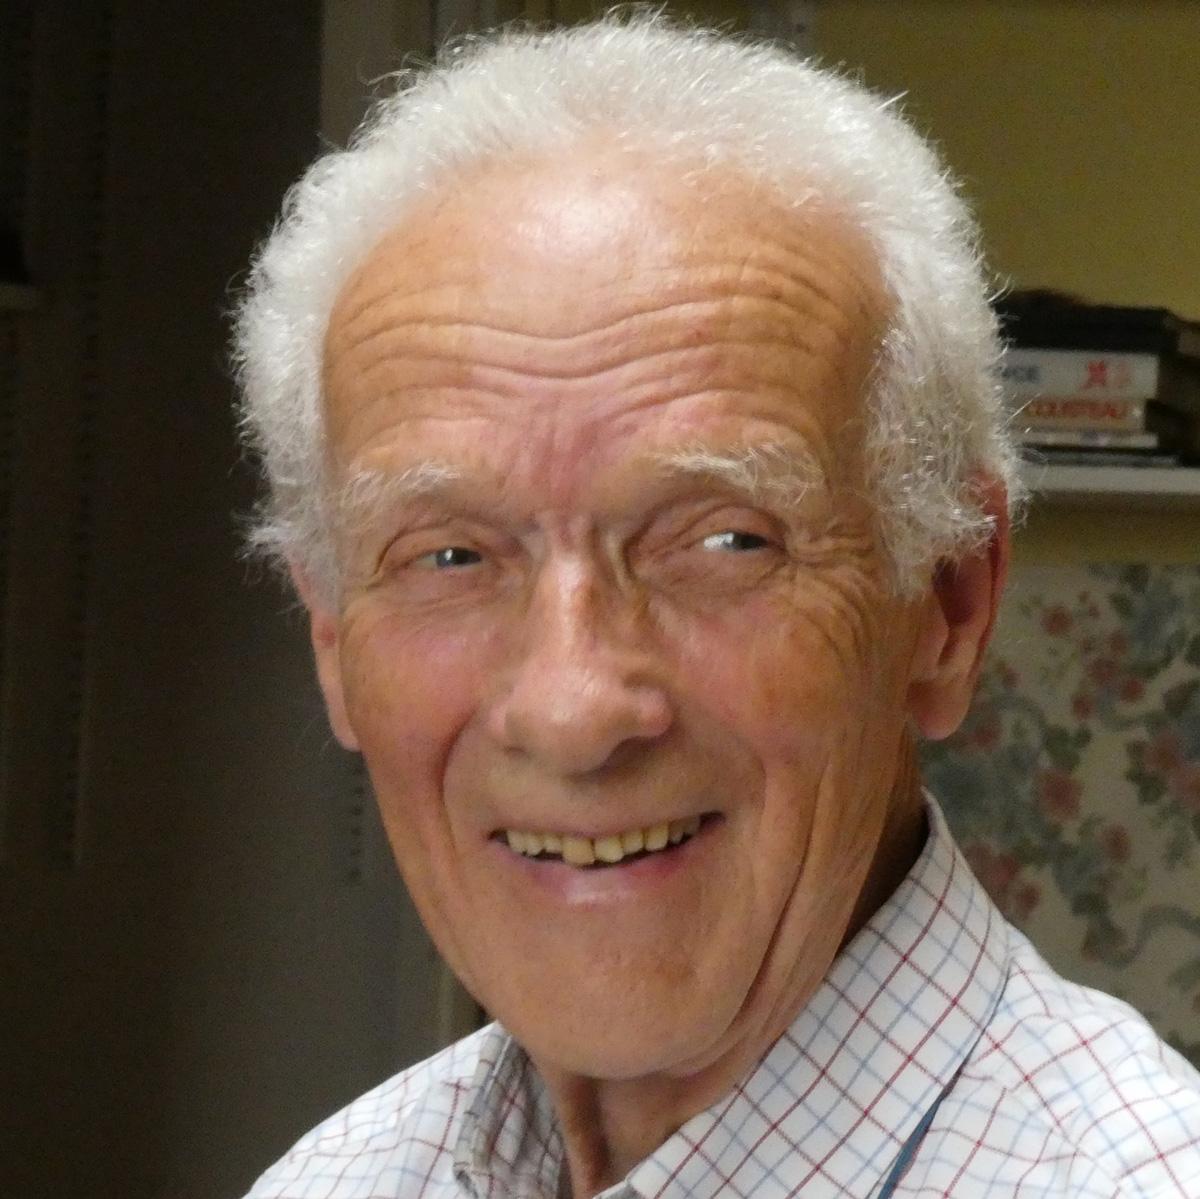 Peter Von Polier